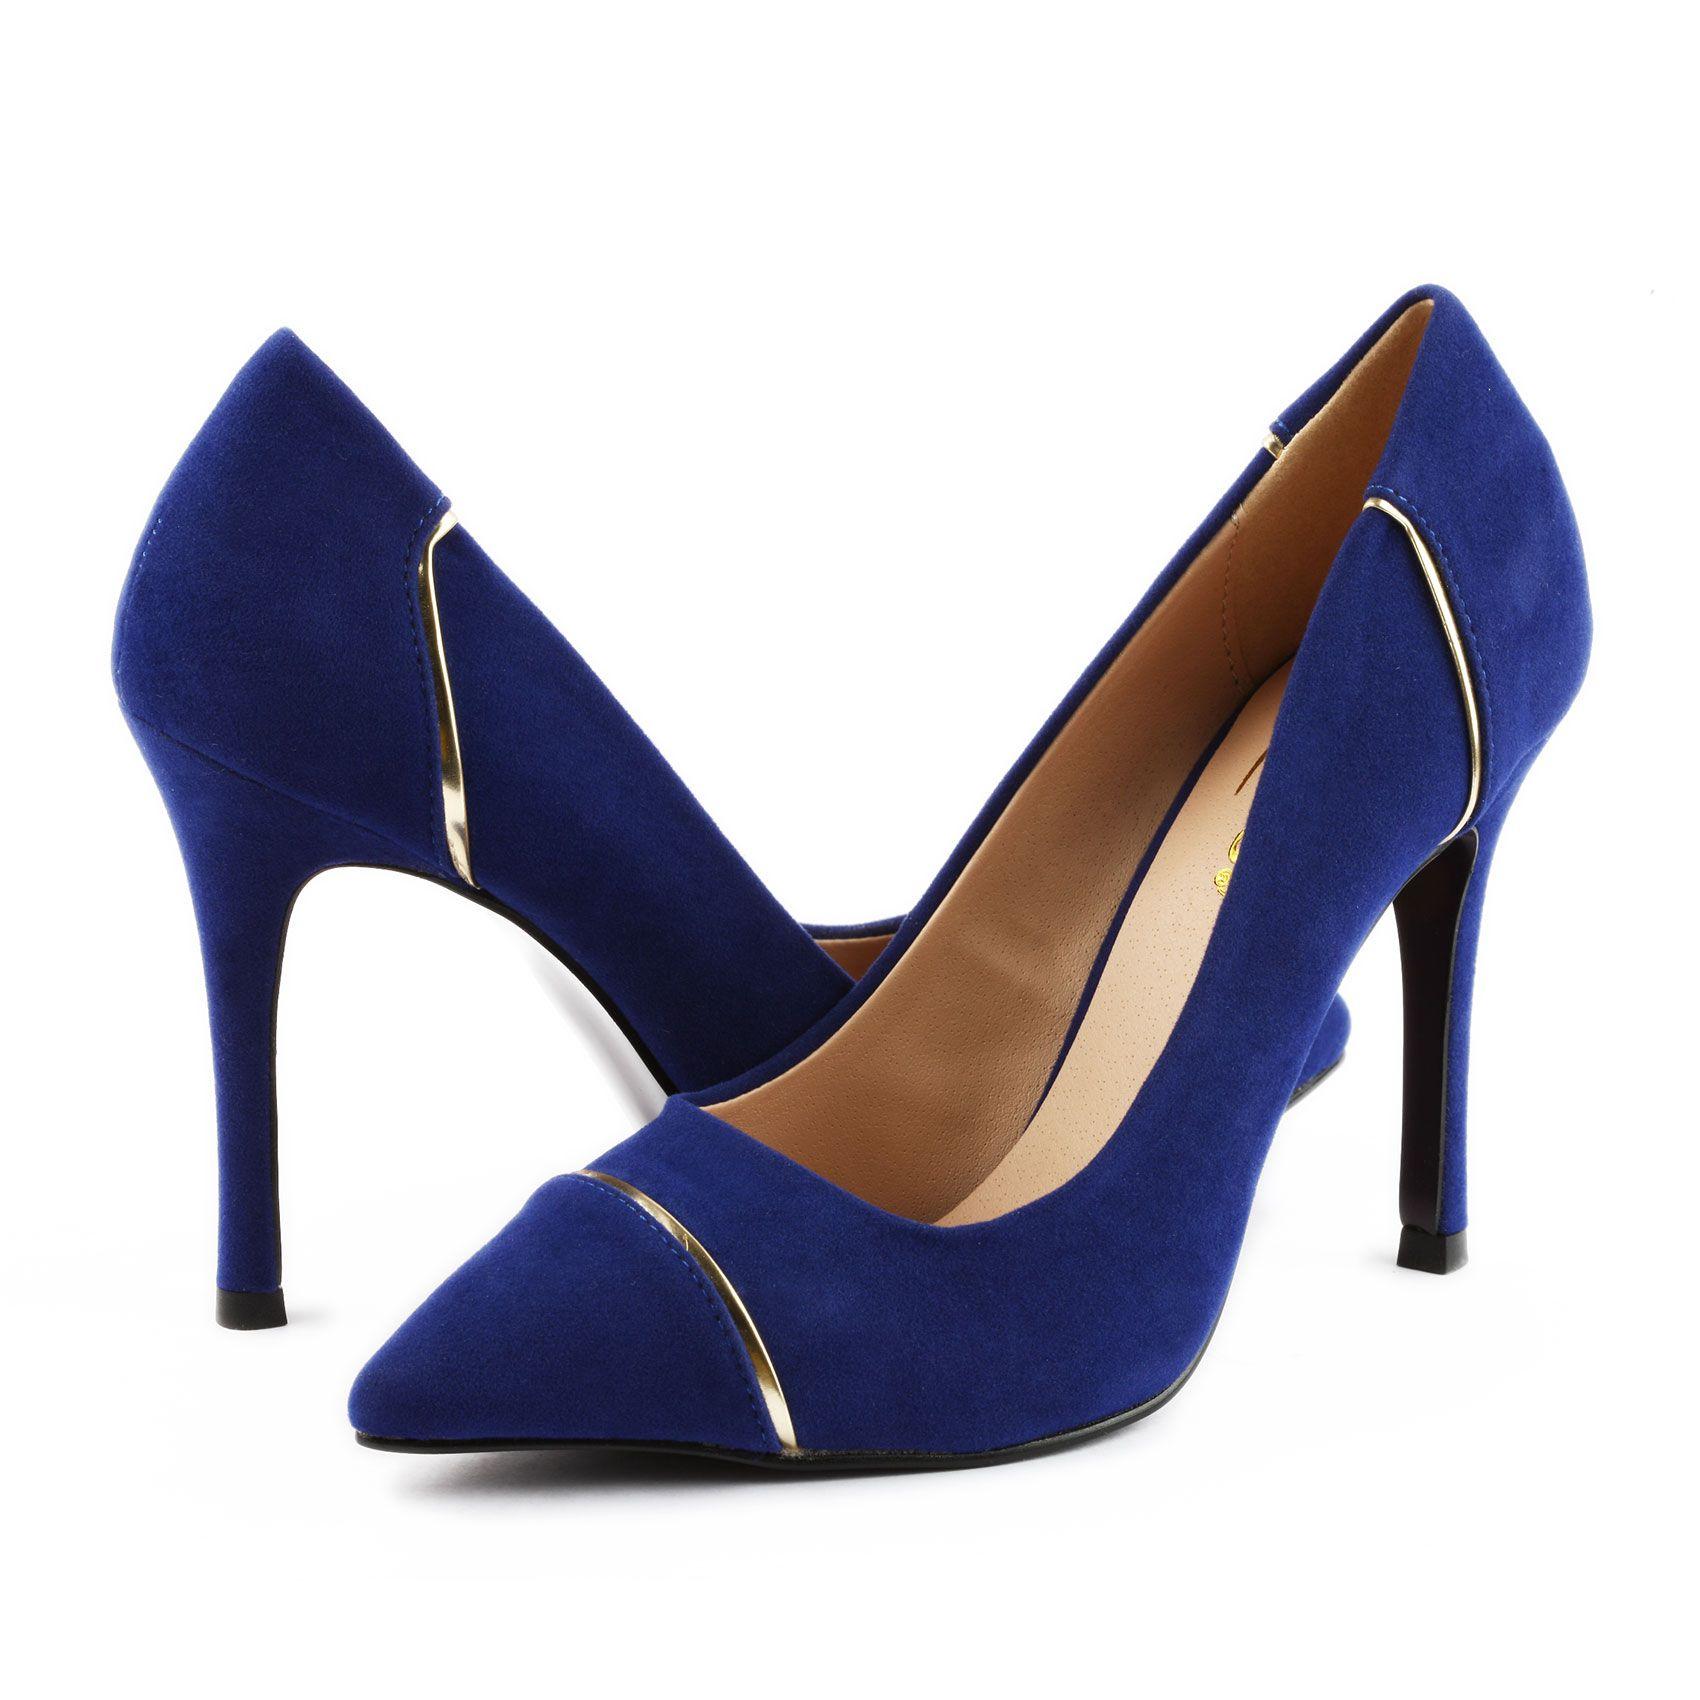 Tacones marca Qeos, este y más modelos en www.zapacos.com #shoes #sandalias #zapatos #moda #tendencia #fashion #trend #trendy